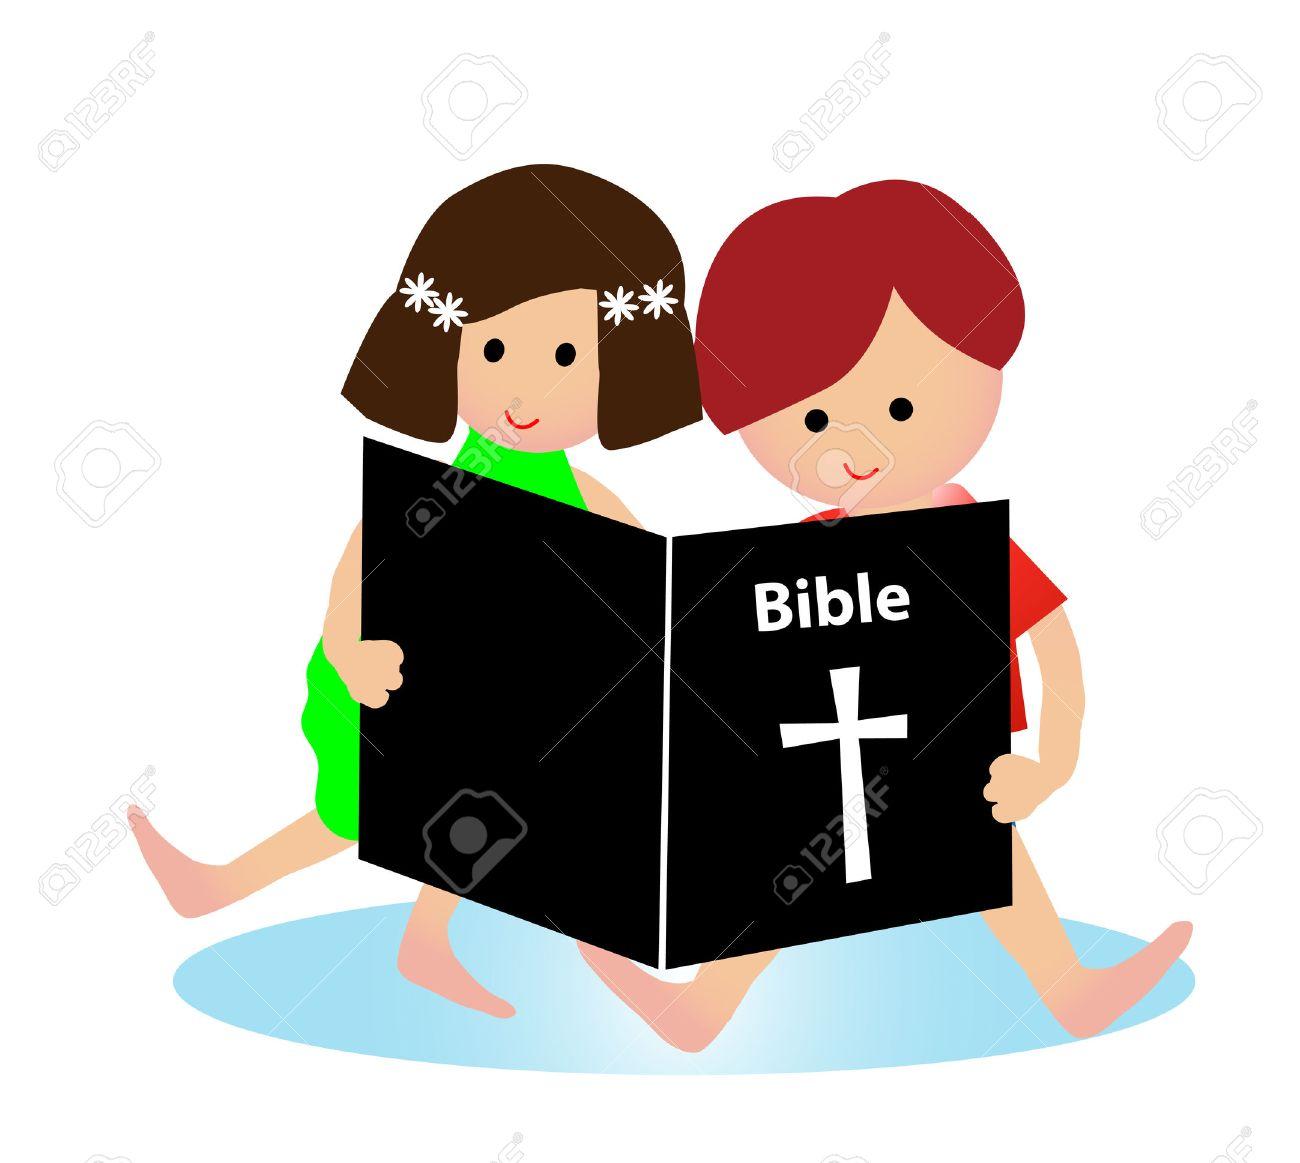 1300x1163 Bible Clip Art Vector Bible Organizational Structure